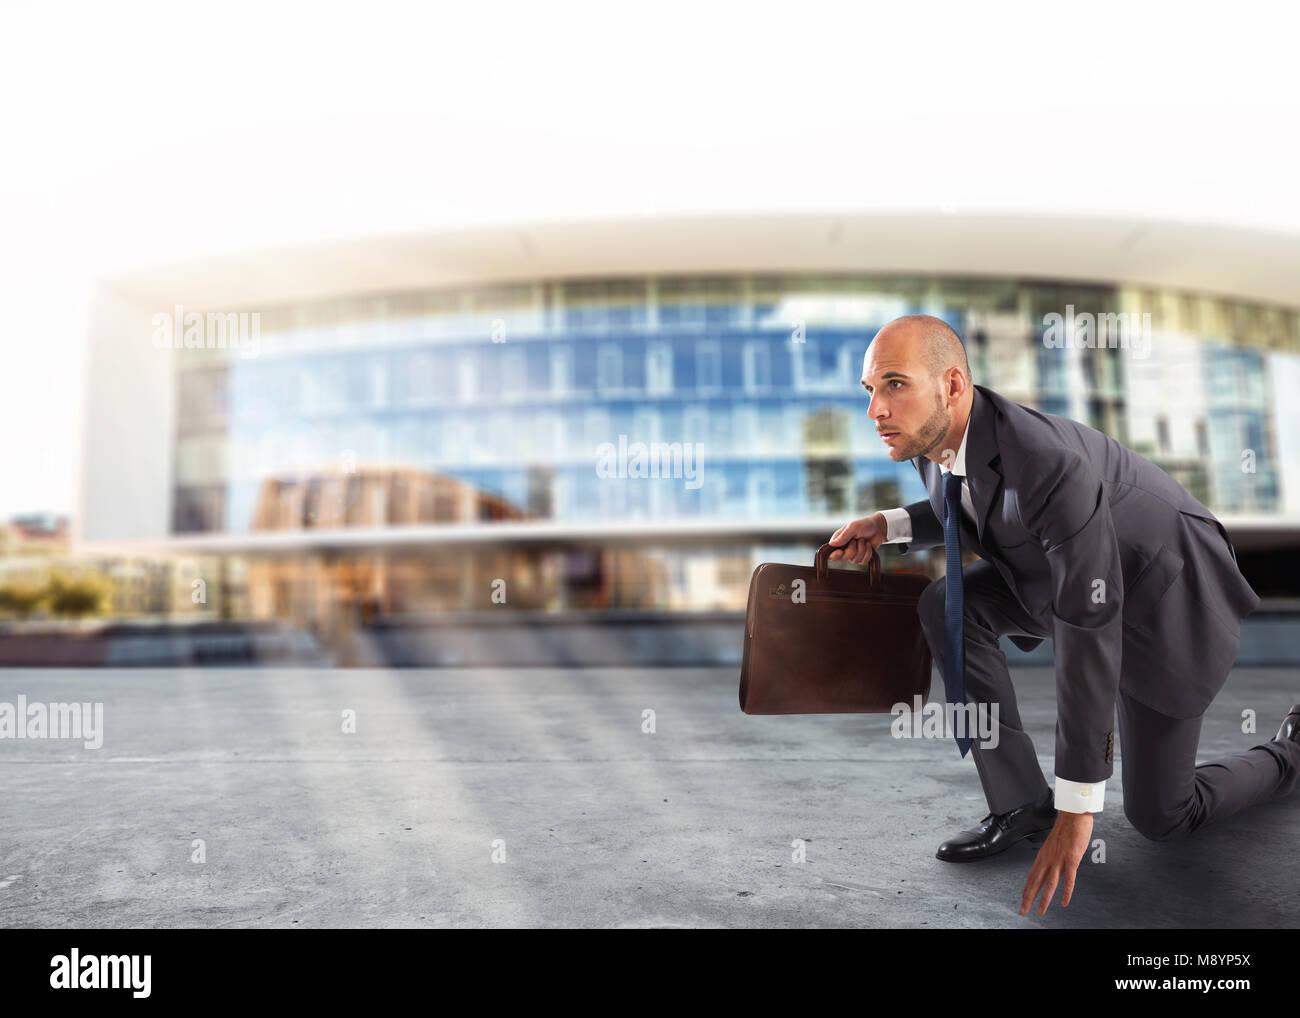 Unternehmer bereit zu starten. Wettbewerb und Herausforderung in Business Konzept Stockbild